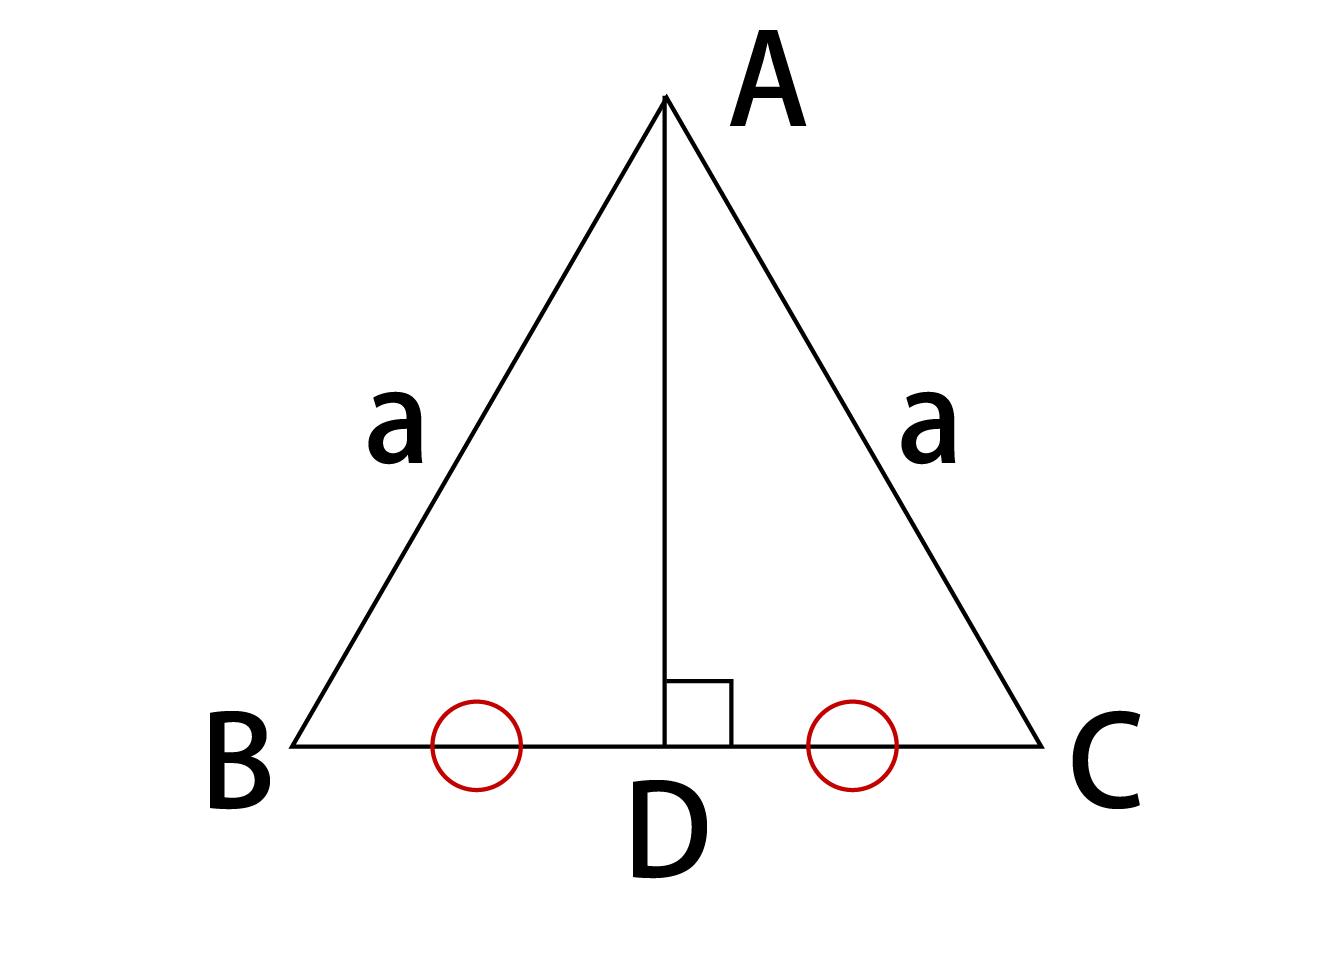 正三角形の頂点から垂線を下ろした場合